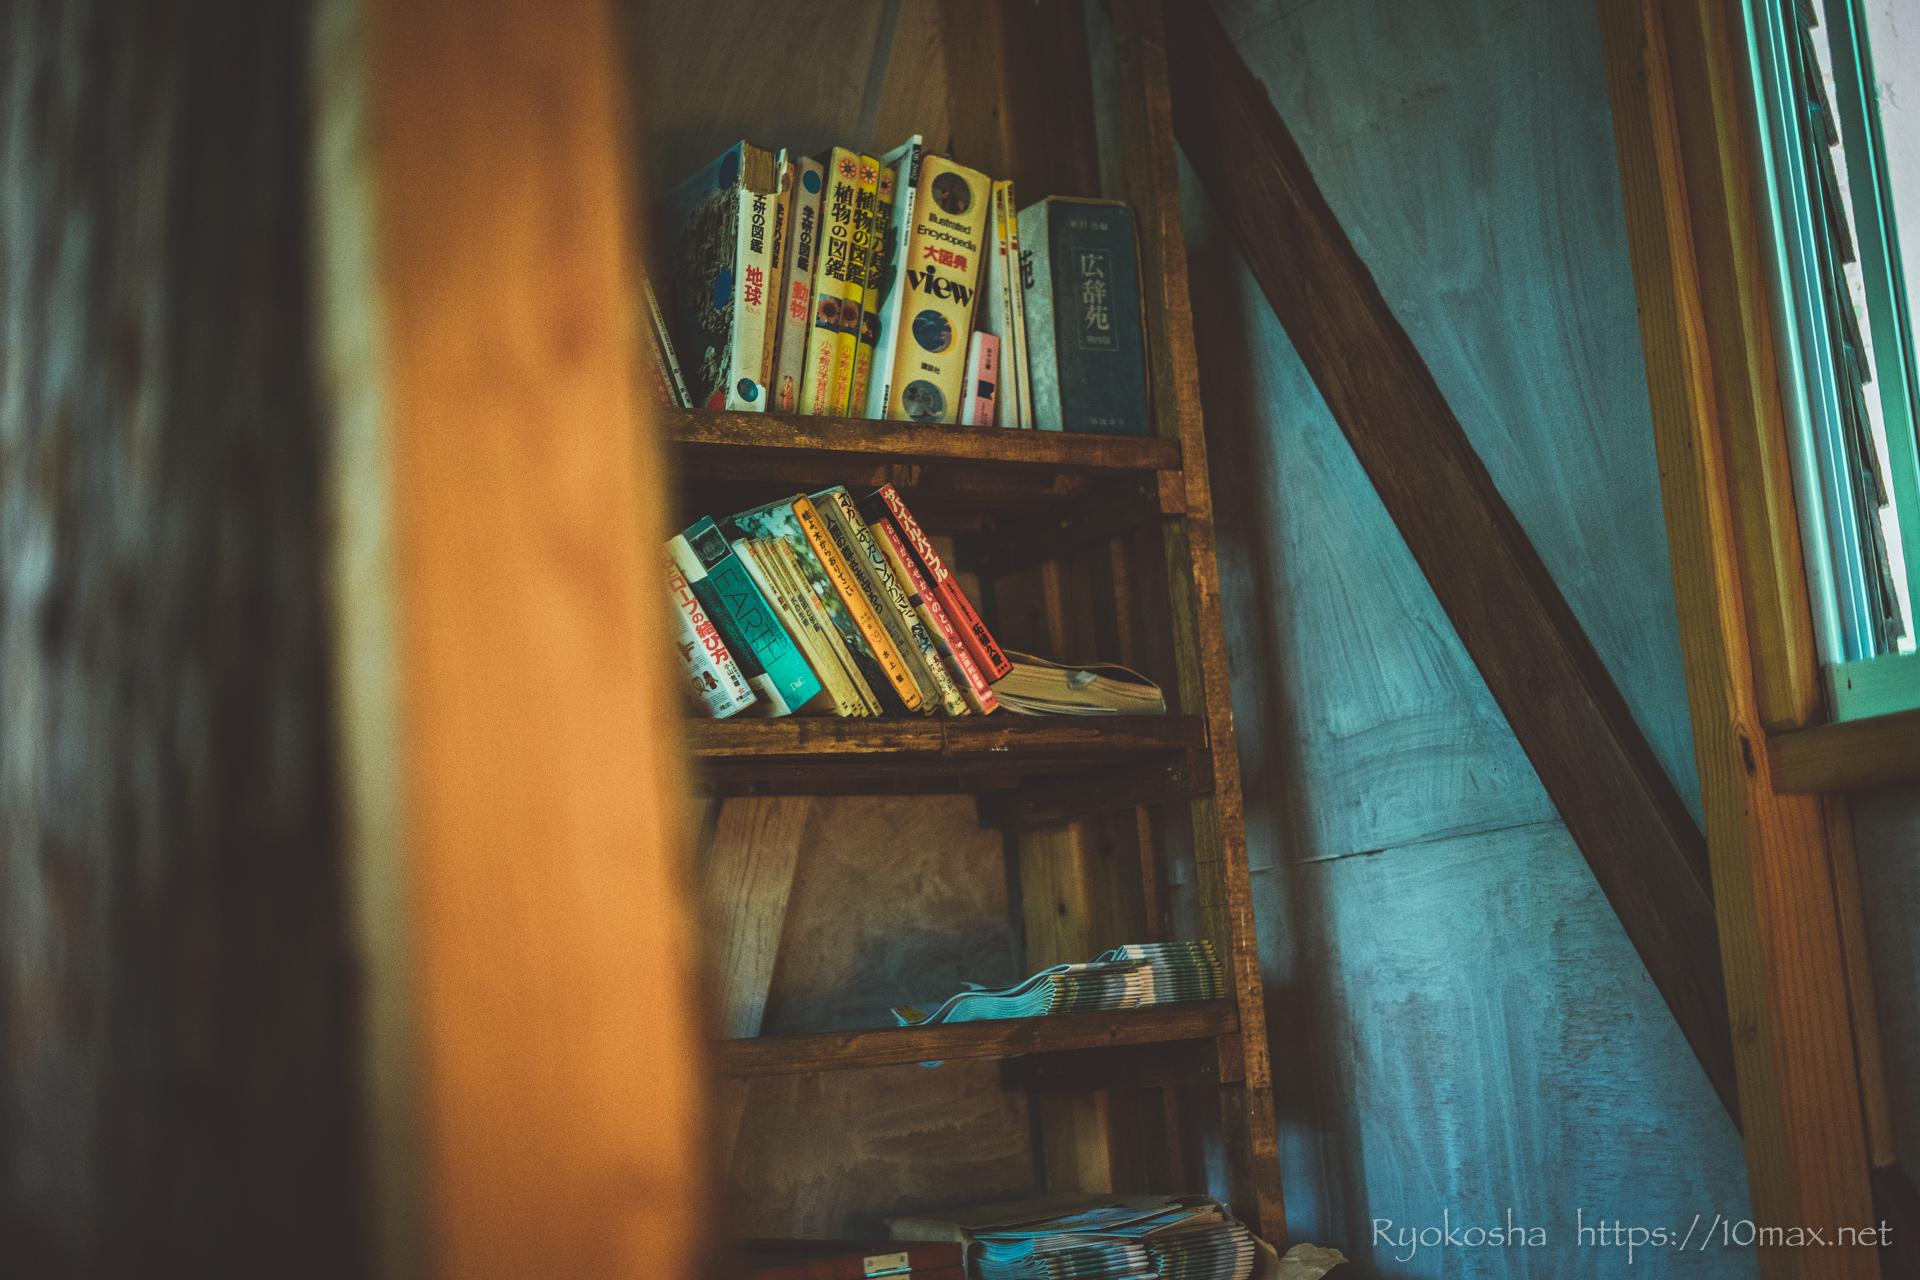 ネイチャーランドオム 森の図書館